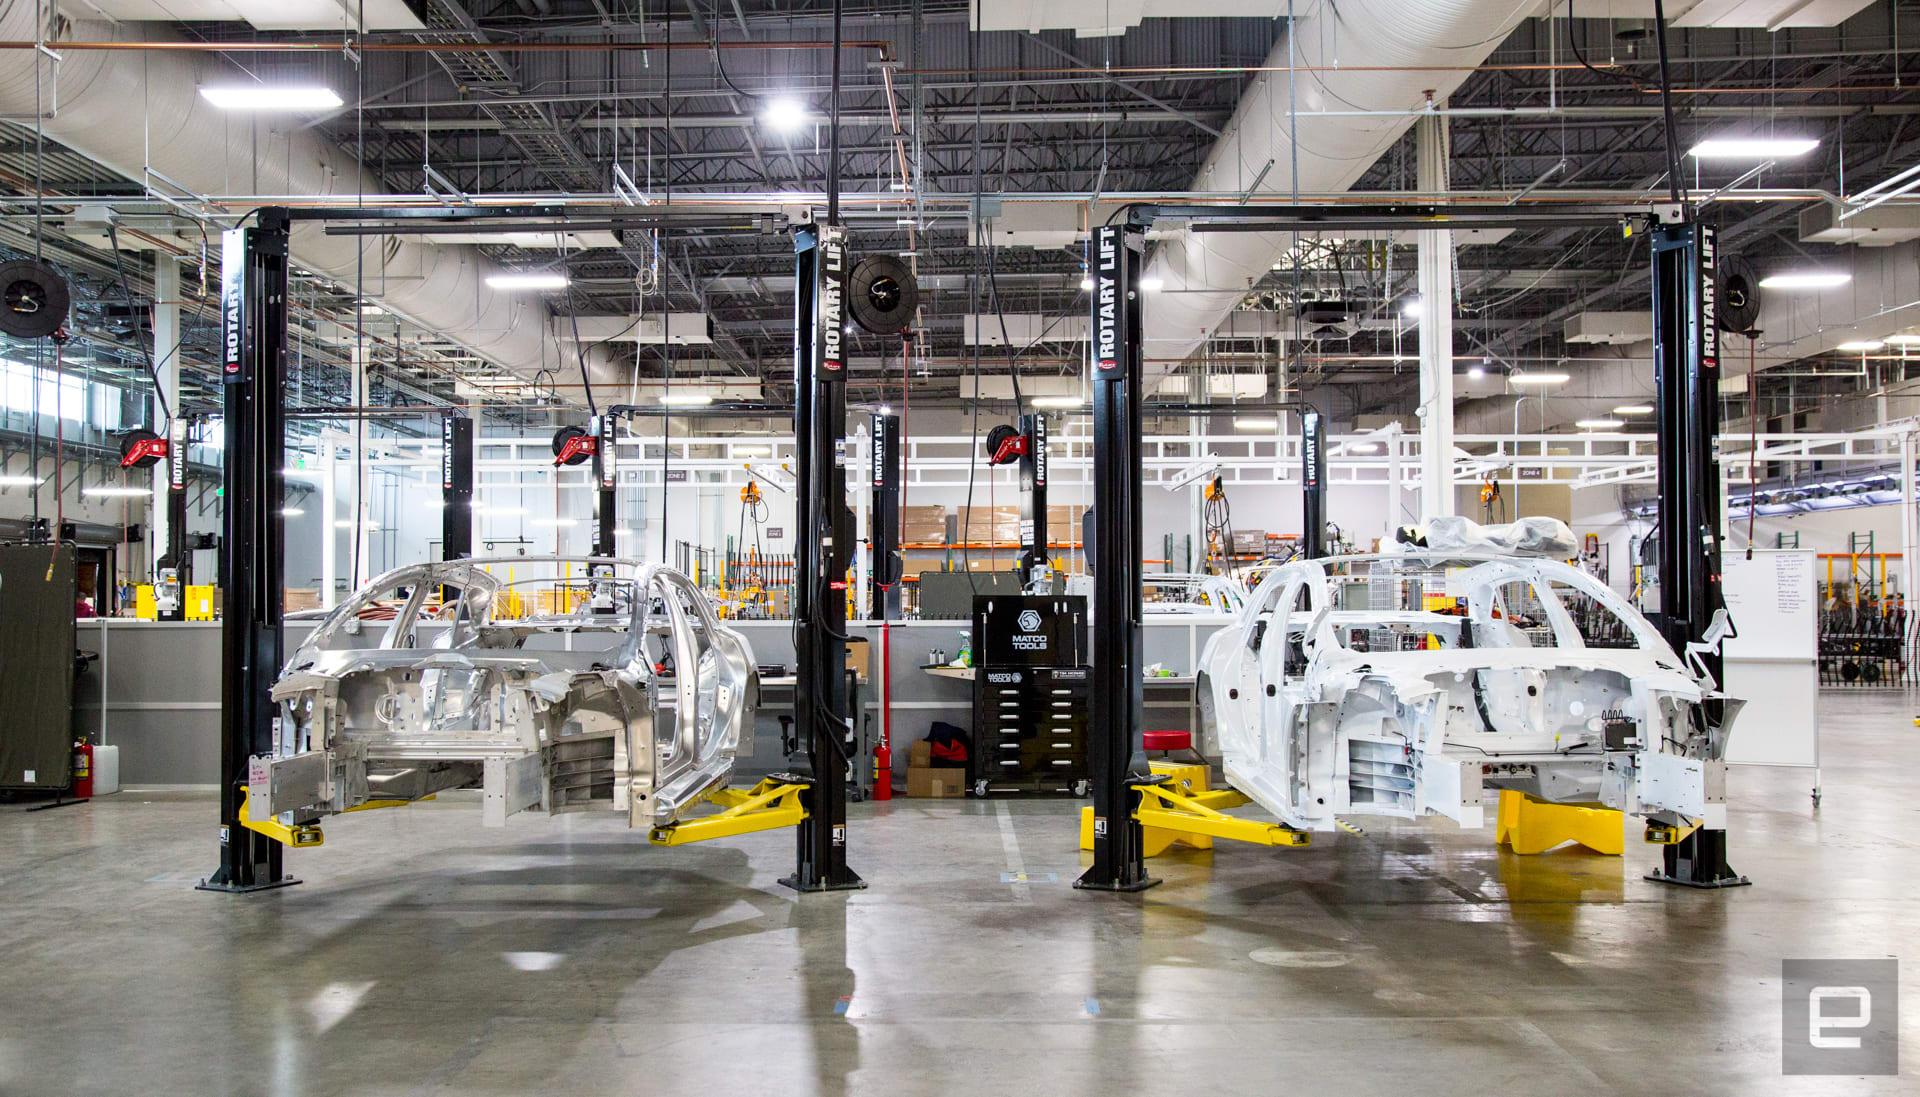 Lucid factory tour